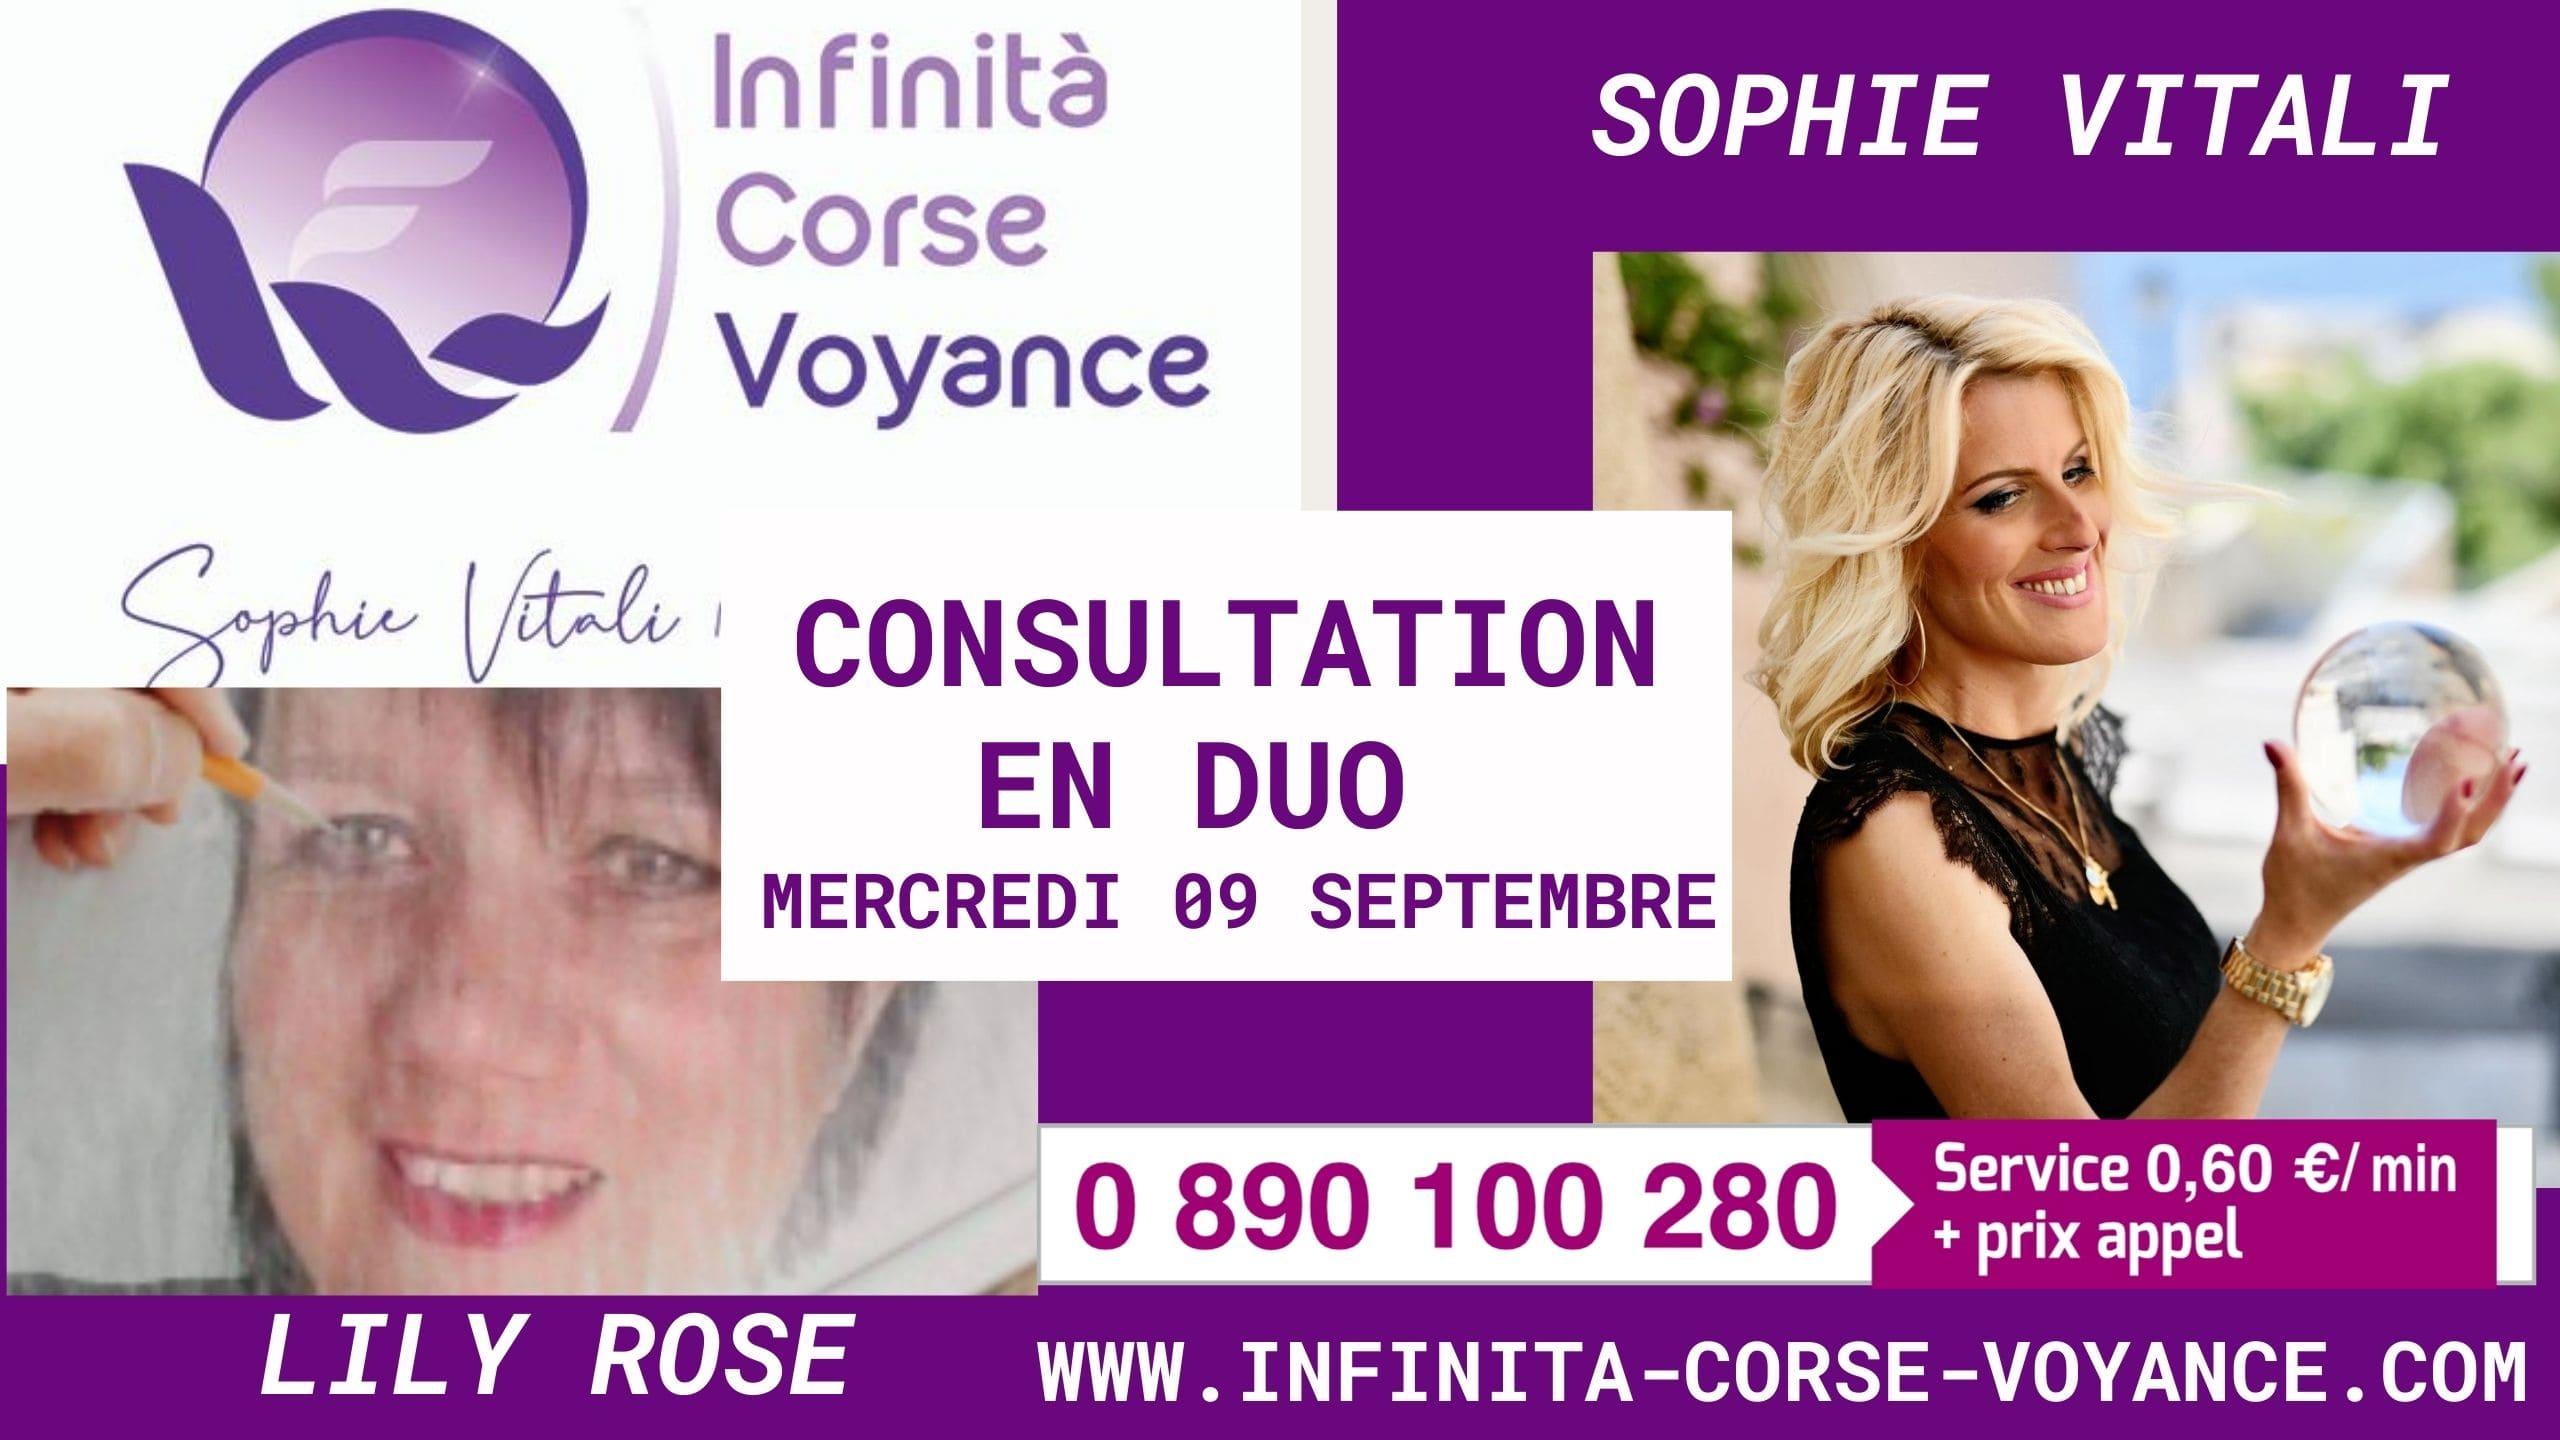 Consultations de voyance en duo avec Sophie Vitali et Lily Rose